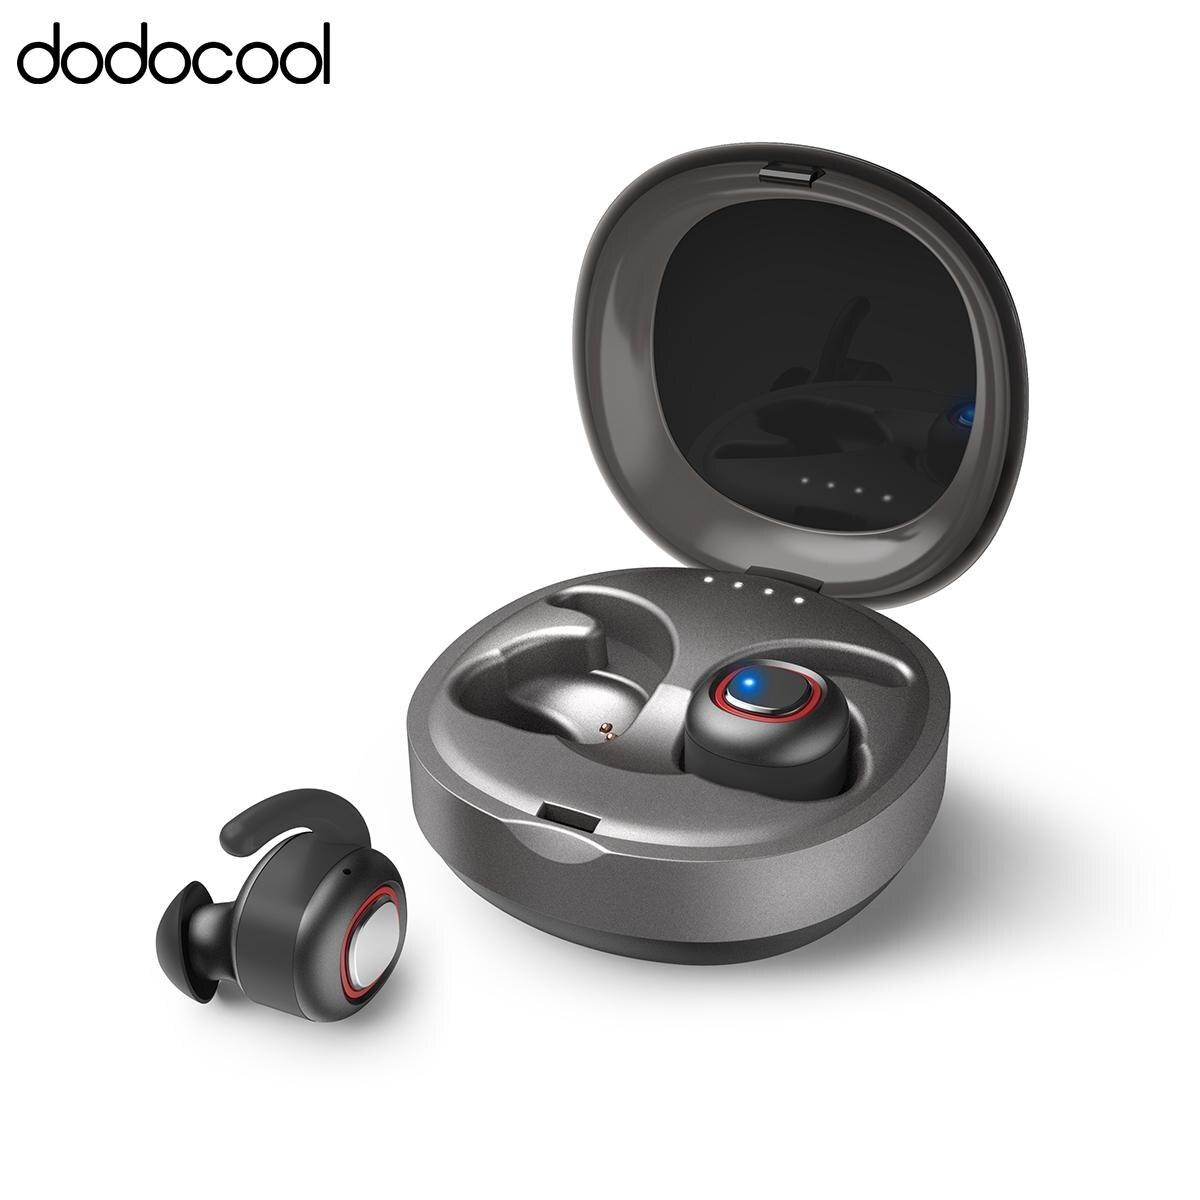 Dodocool Sans Fil Bluetooth dans-era Écouteurs avec Boîte De Charge Support pour Google Assistant et pour Siri Sweatproof Sport Écouteurs